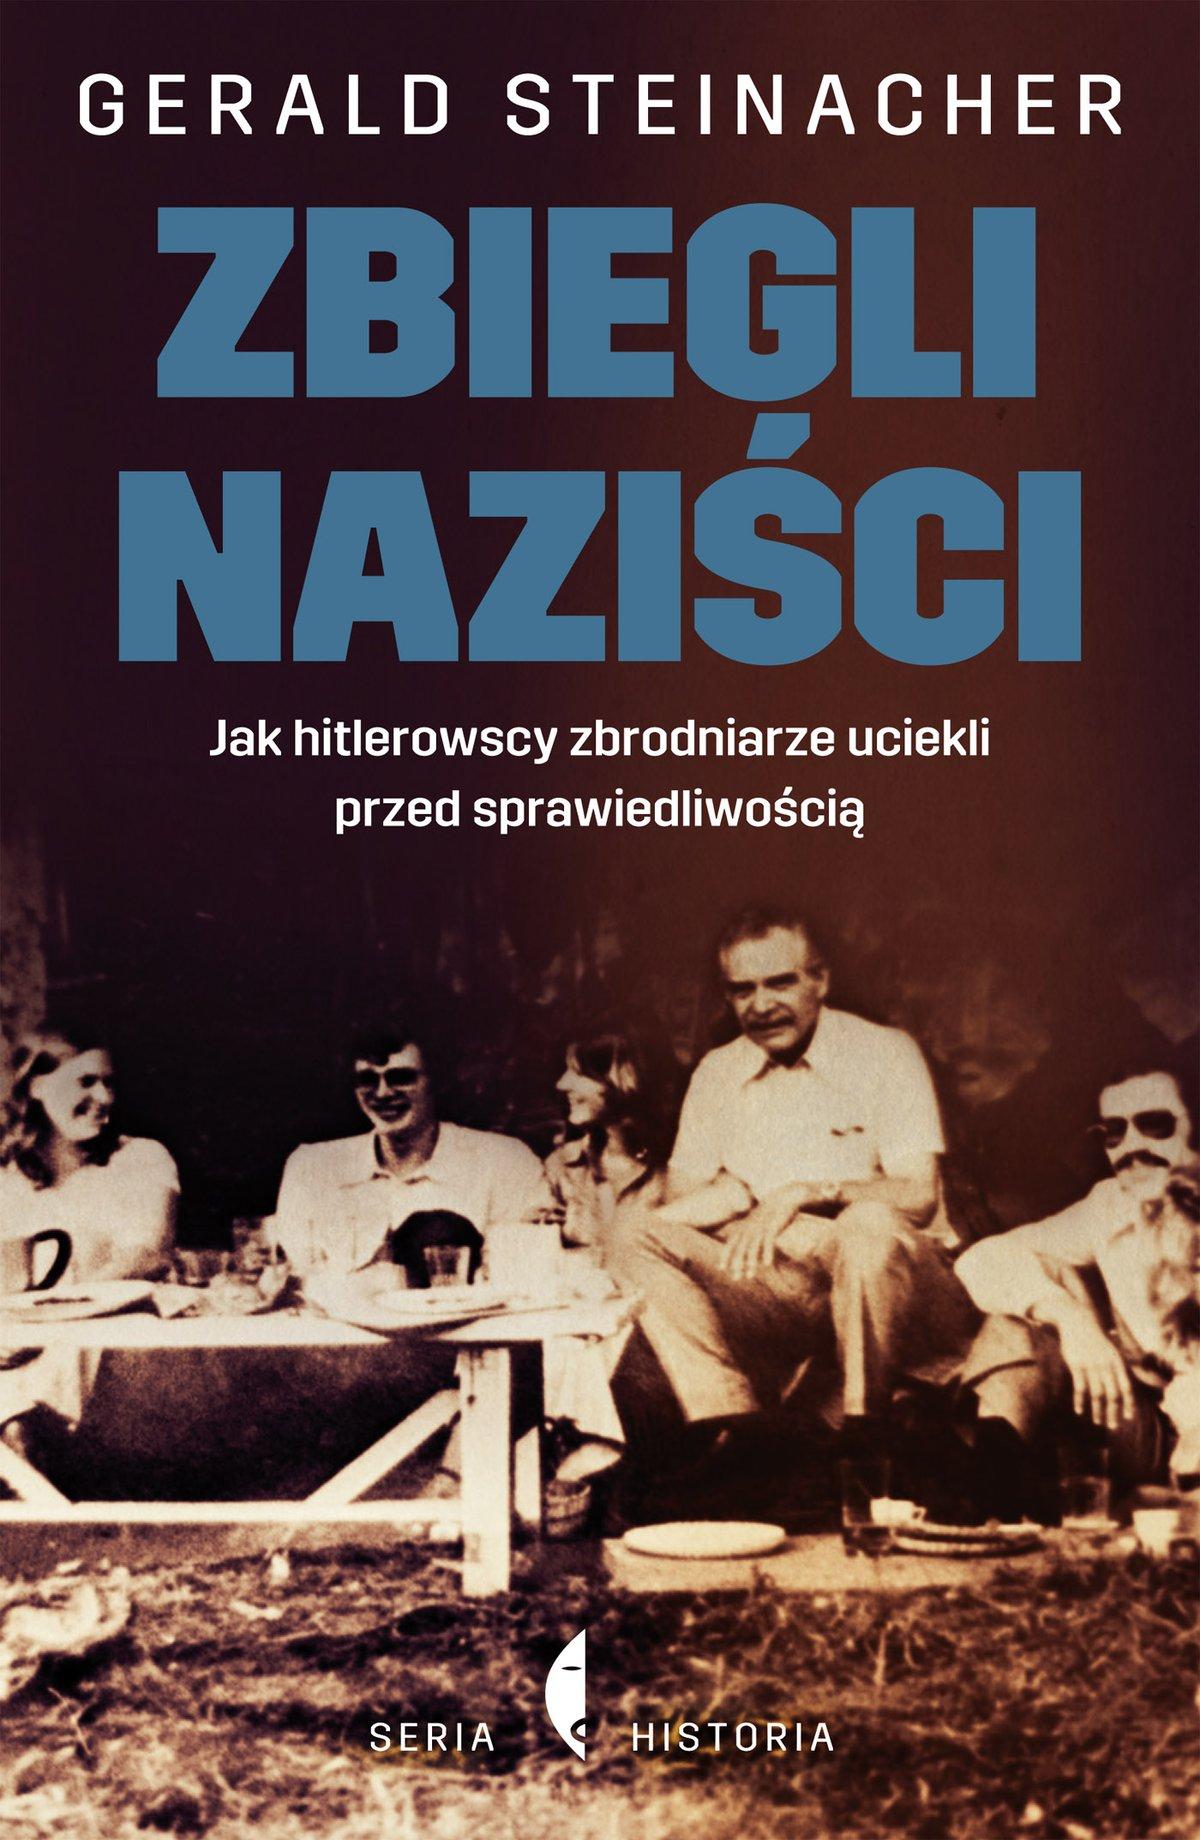 Zbiegli naziści - Ebook (Książka EPUB) do pobrania w formacie EPUB